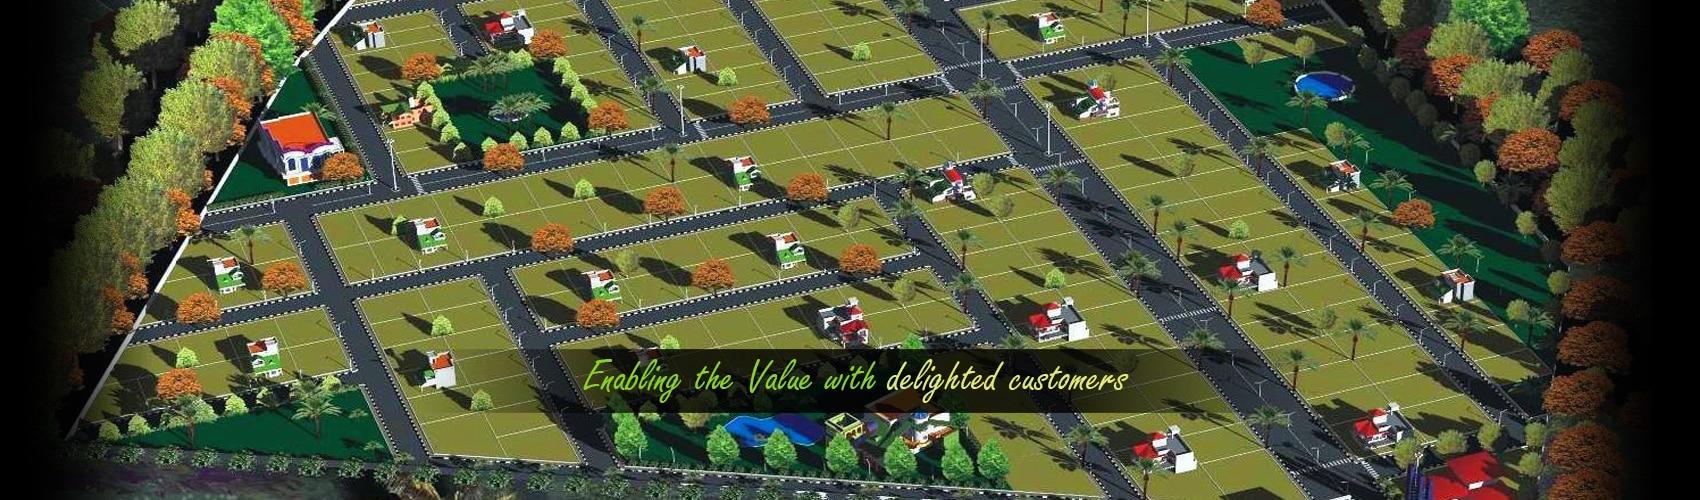 villa plots in hoskote bangalore villa sites in whitefield bangalore